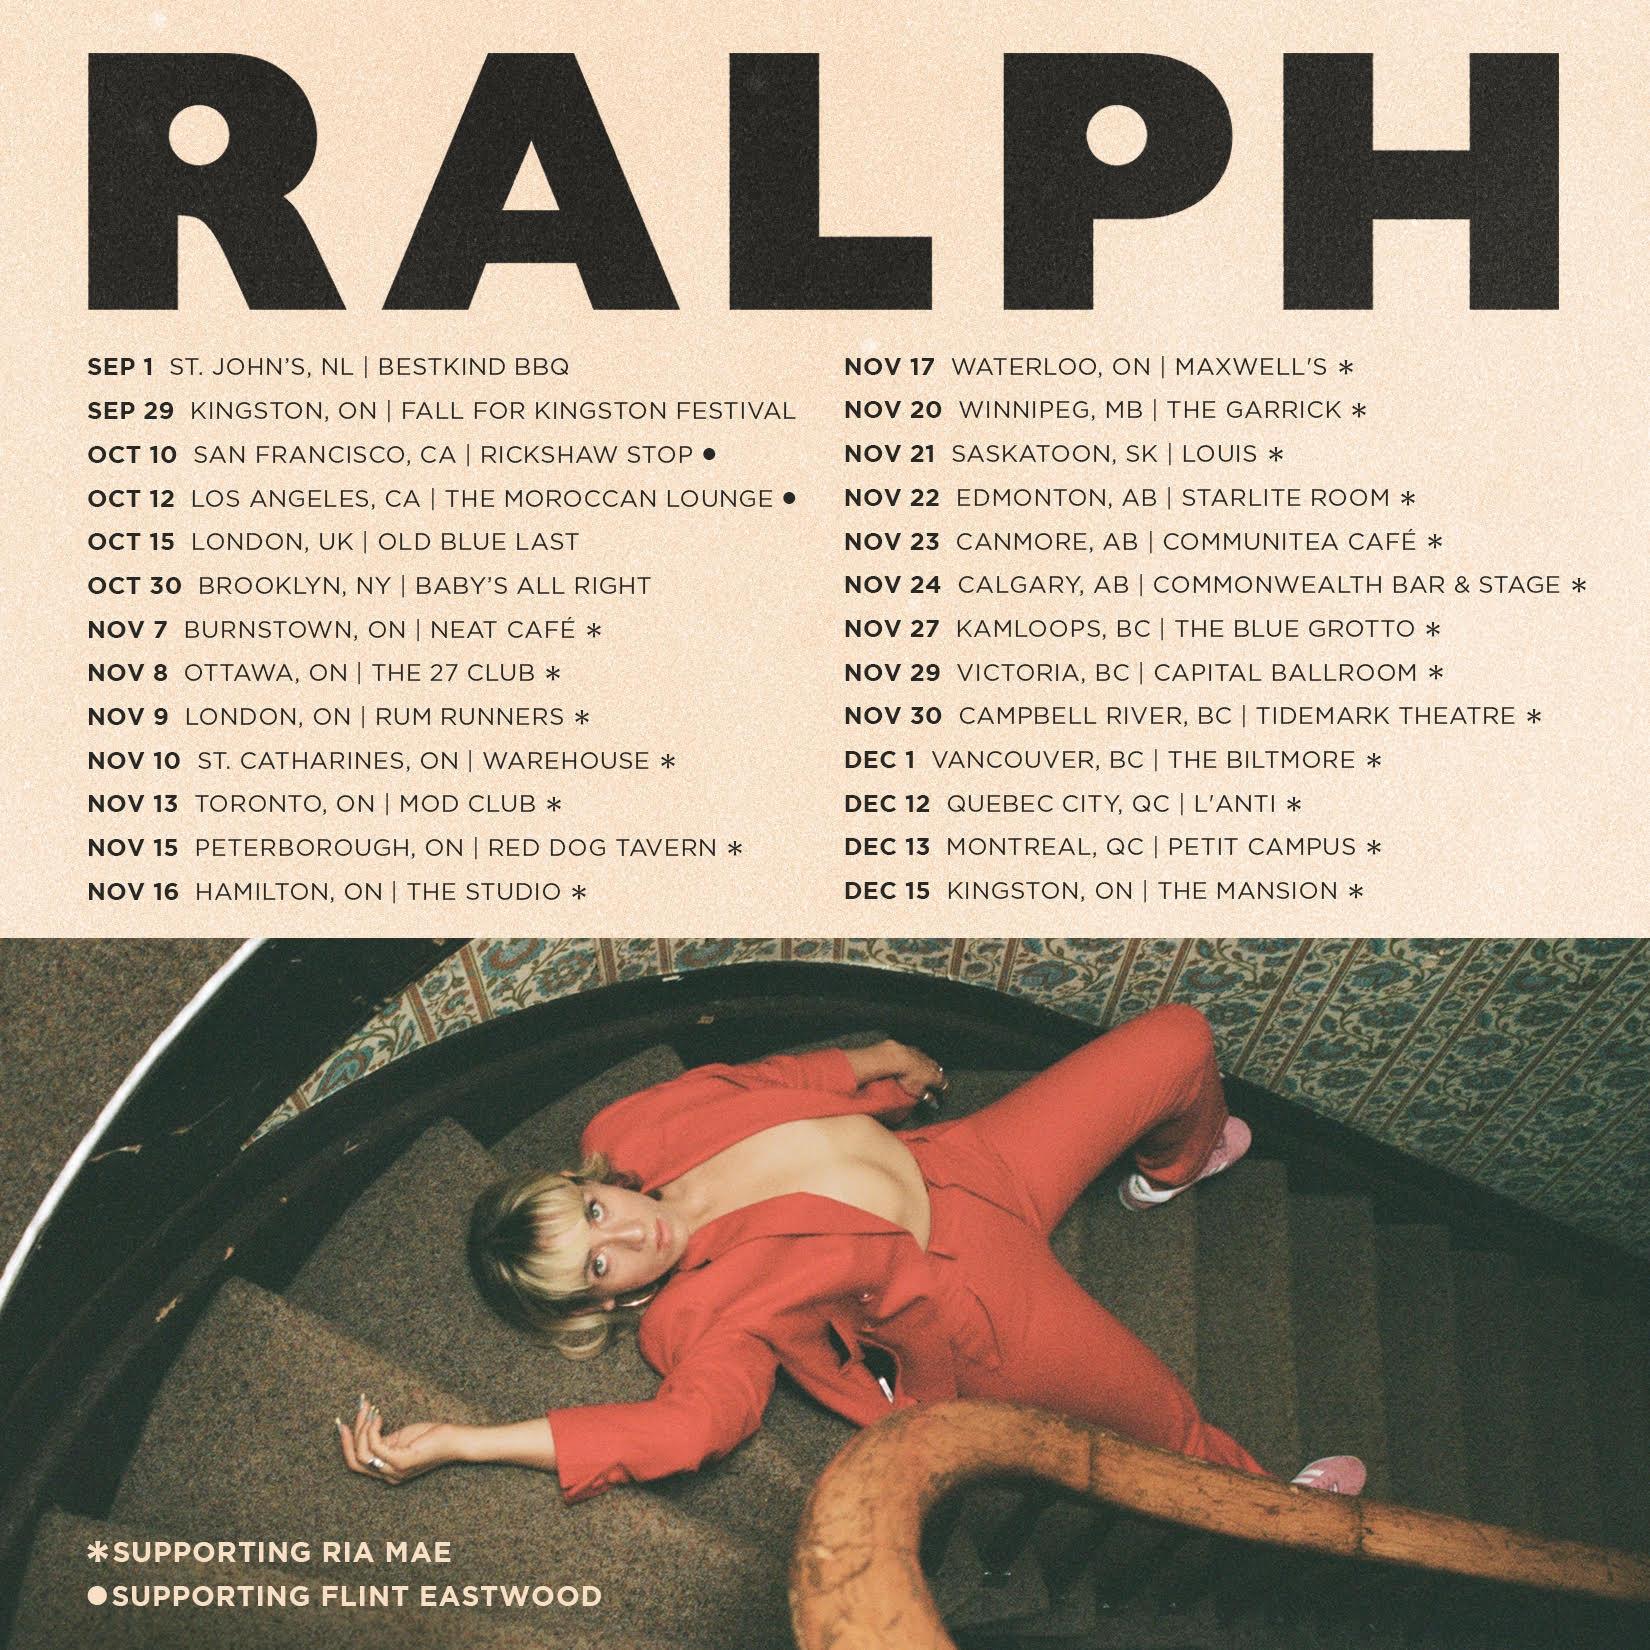 ralph_tour_200818.jpg